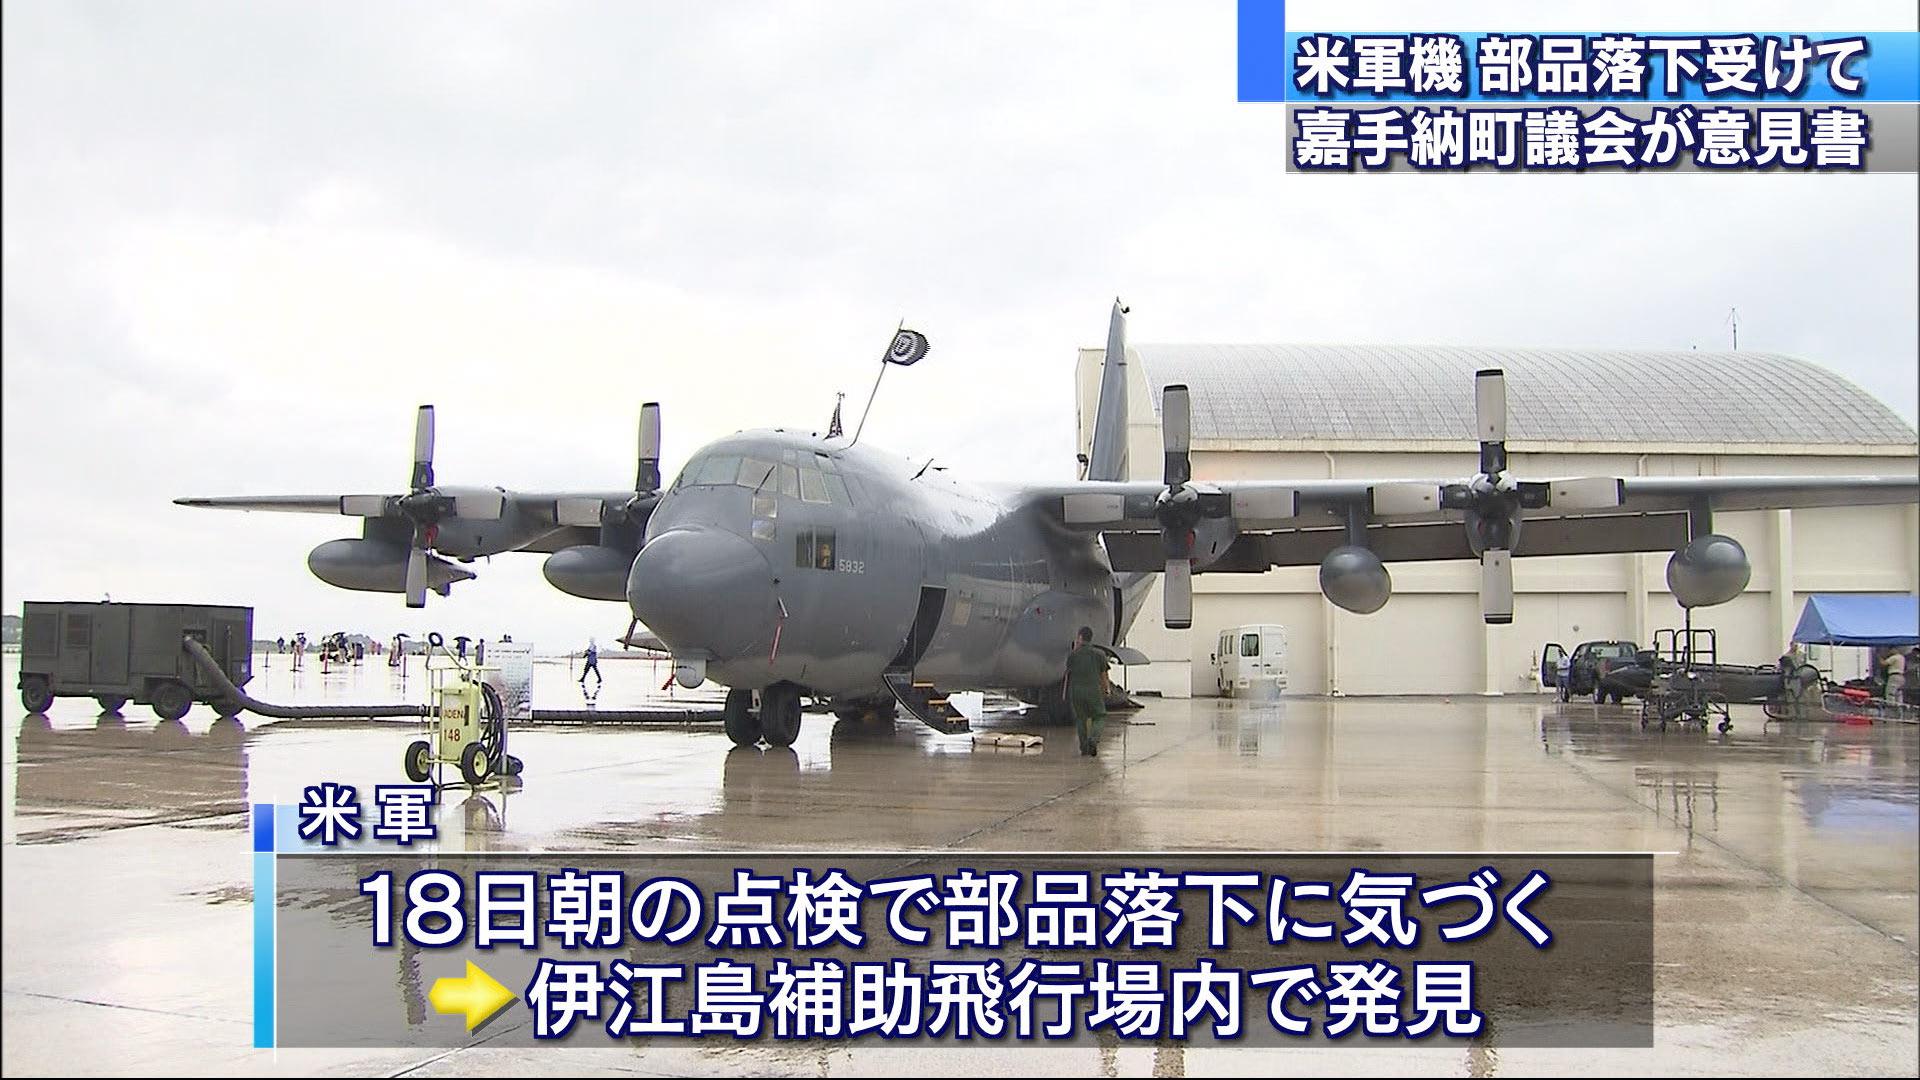 長さ134cm・直径3cm、重さ500gの着陸装置の主脚の一部を落下させました。